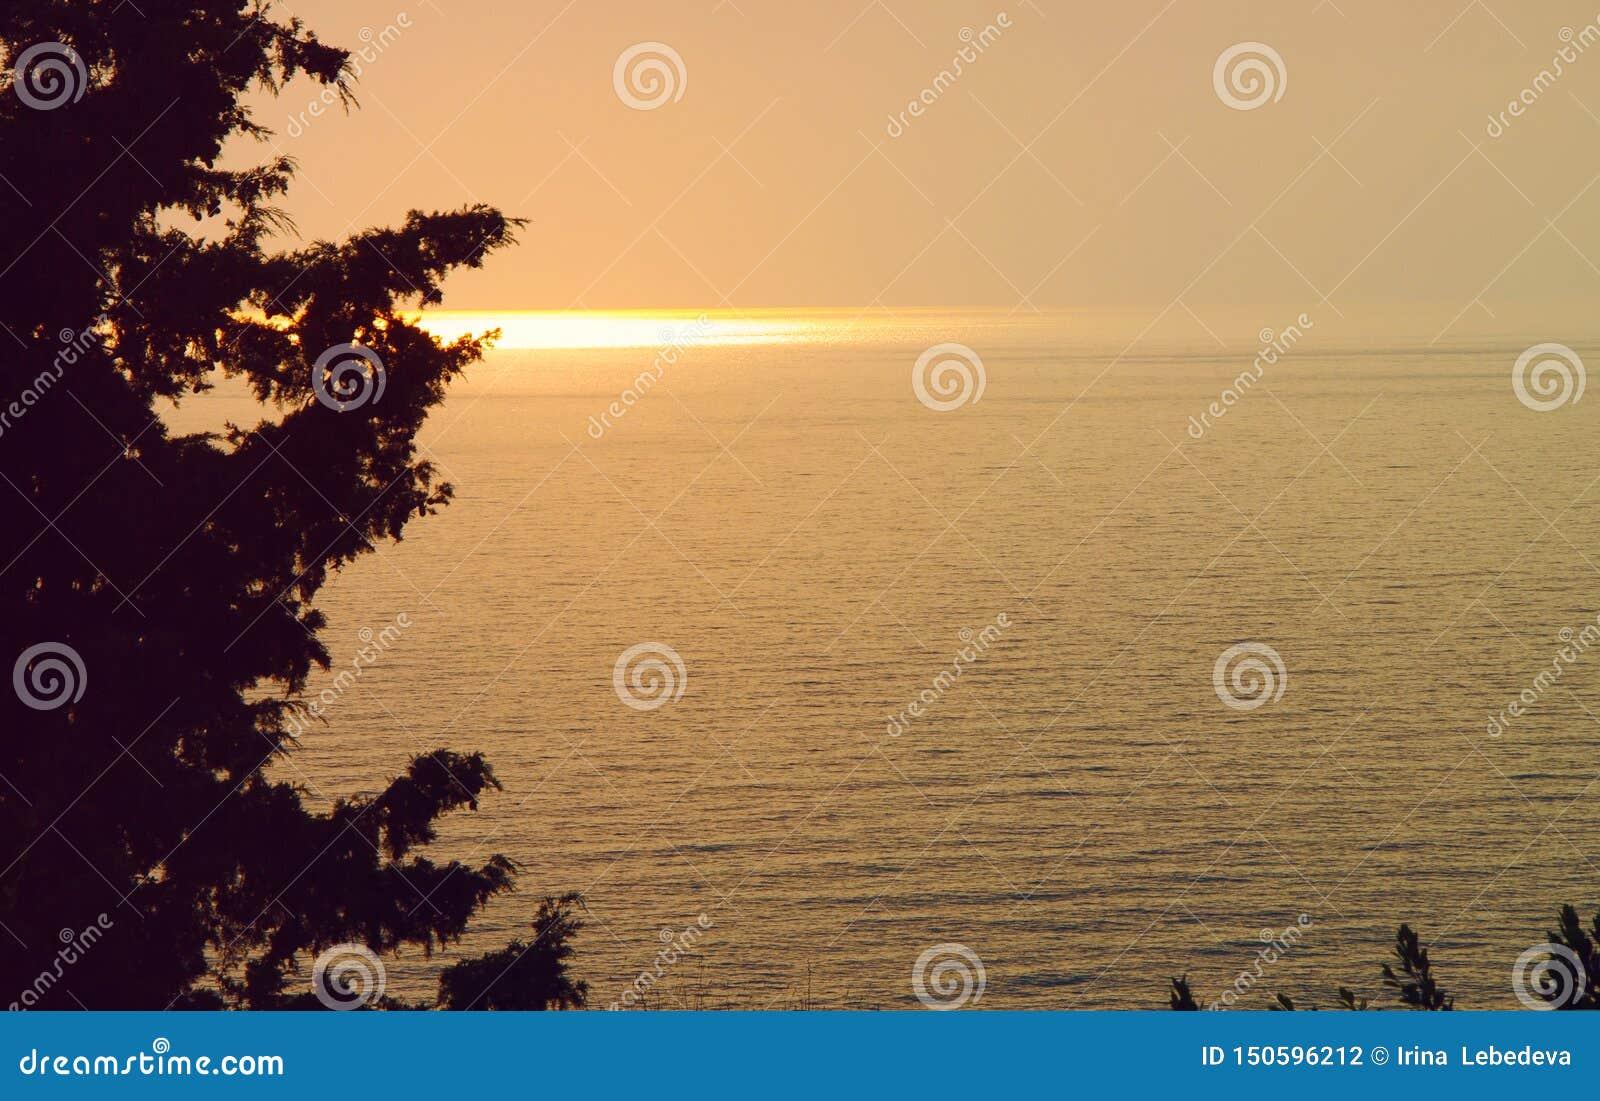 Belle vue du coucher du soleil et du chemin ensoleillé des rayons du coucher de soleil